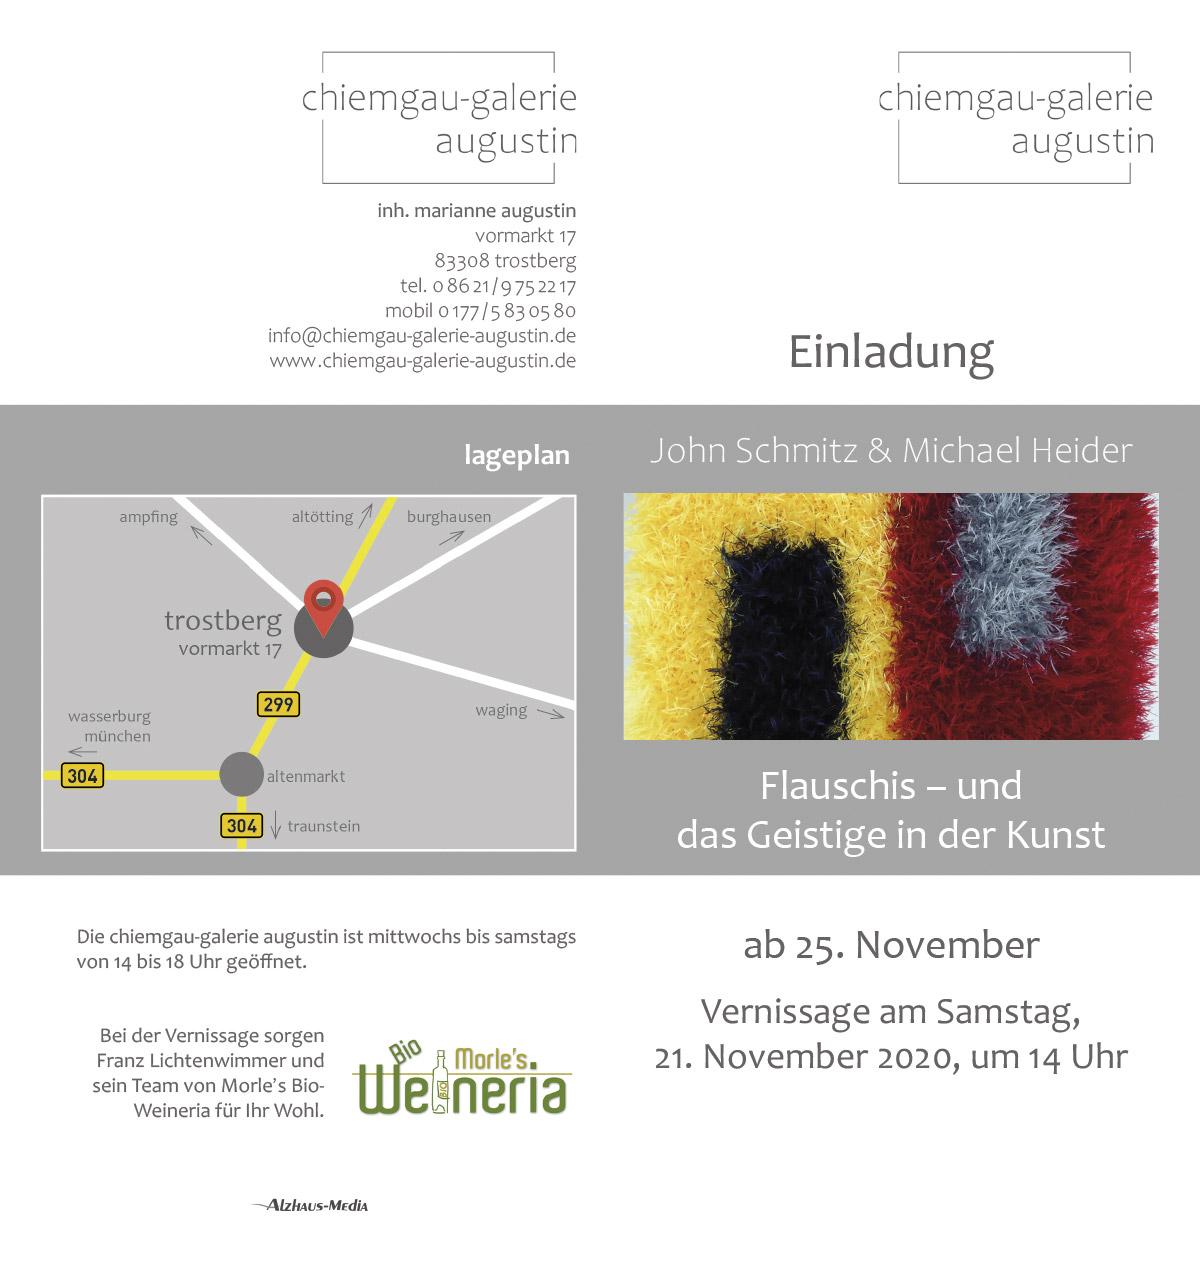 Flauschi | Chiemgau-Galerie Augustin | John Schmitz mit Michael Heider